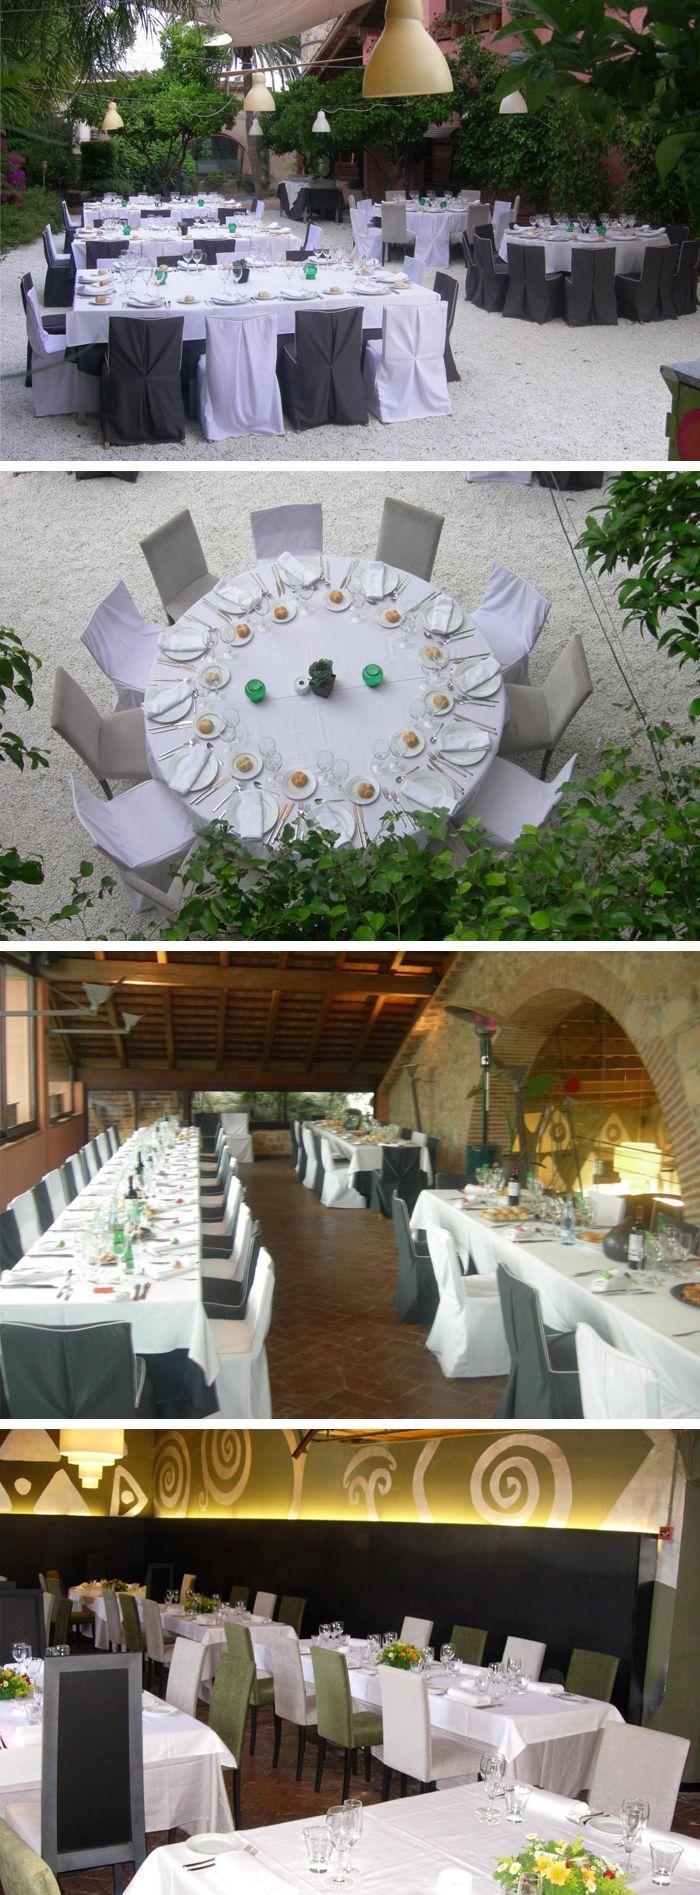 Restaurante Tempo de L'Hort -  Barcelona - Restaurantes para Bodas